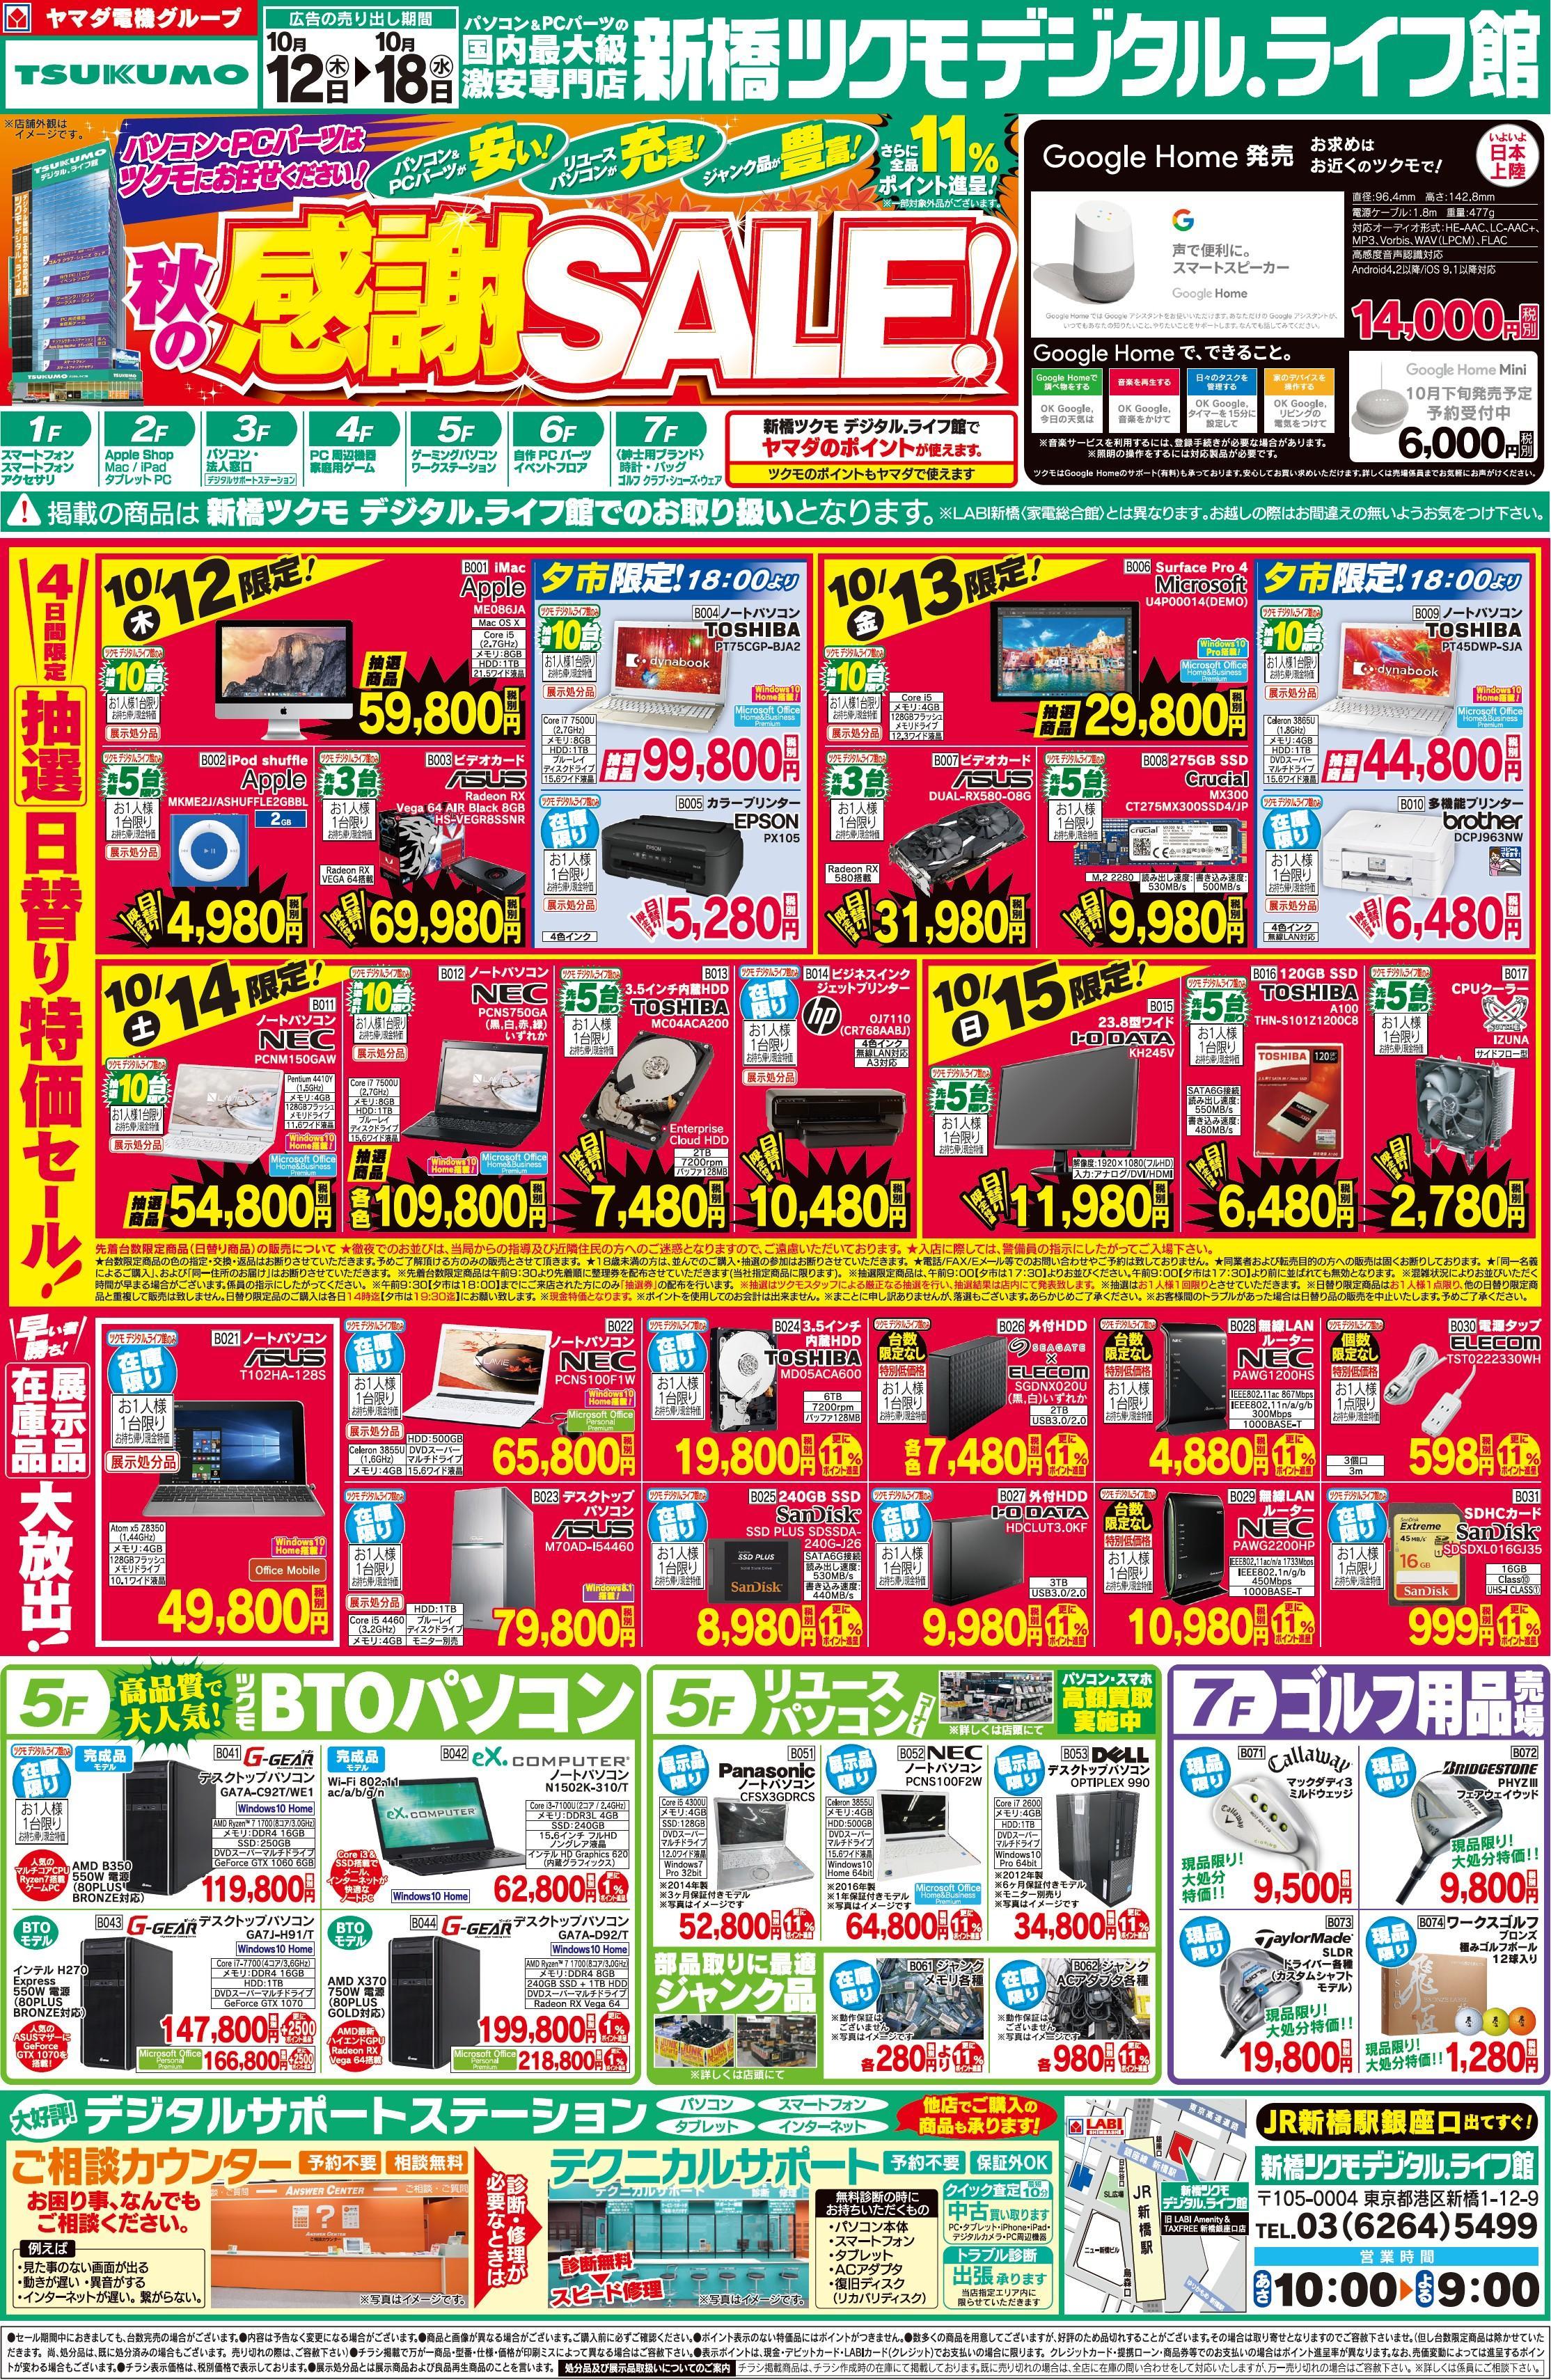 171012 SHINBASHI